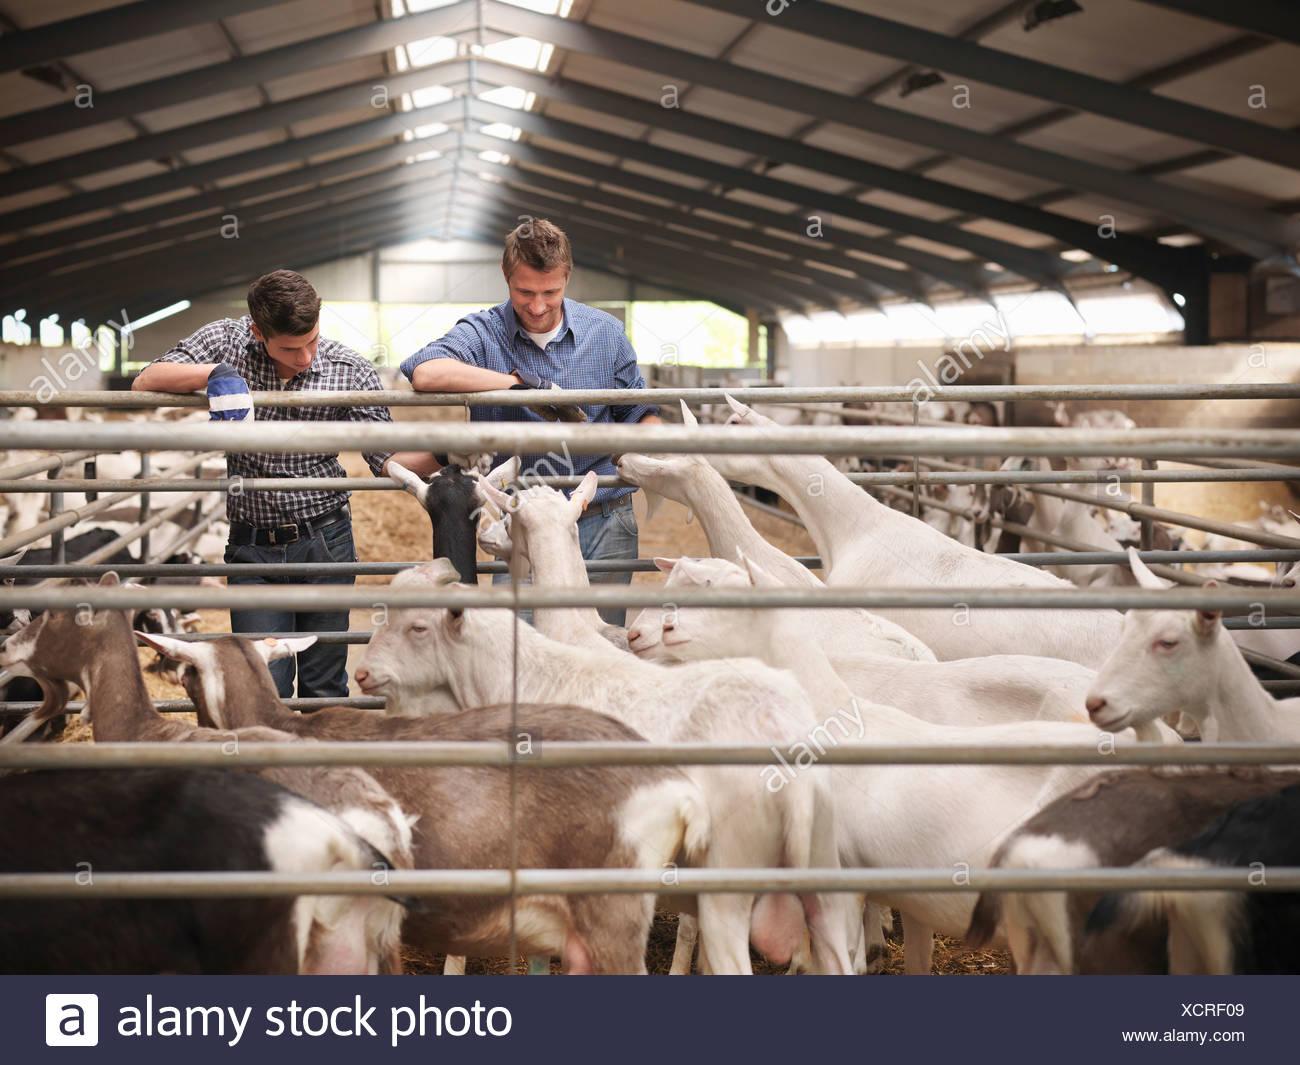 Los trabajadores tienden a las cabras en la granja Imagen De Stock